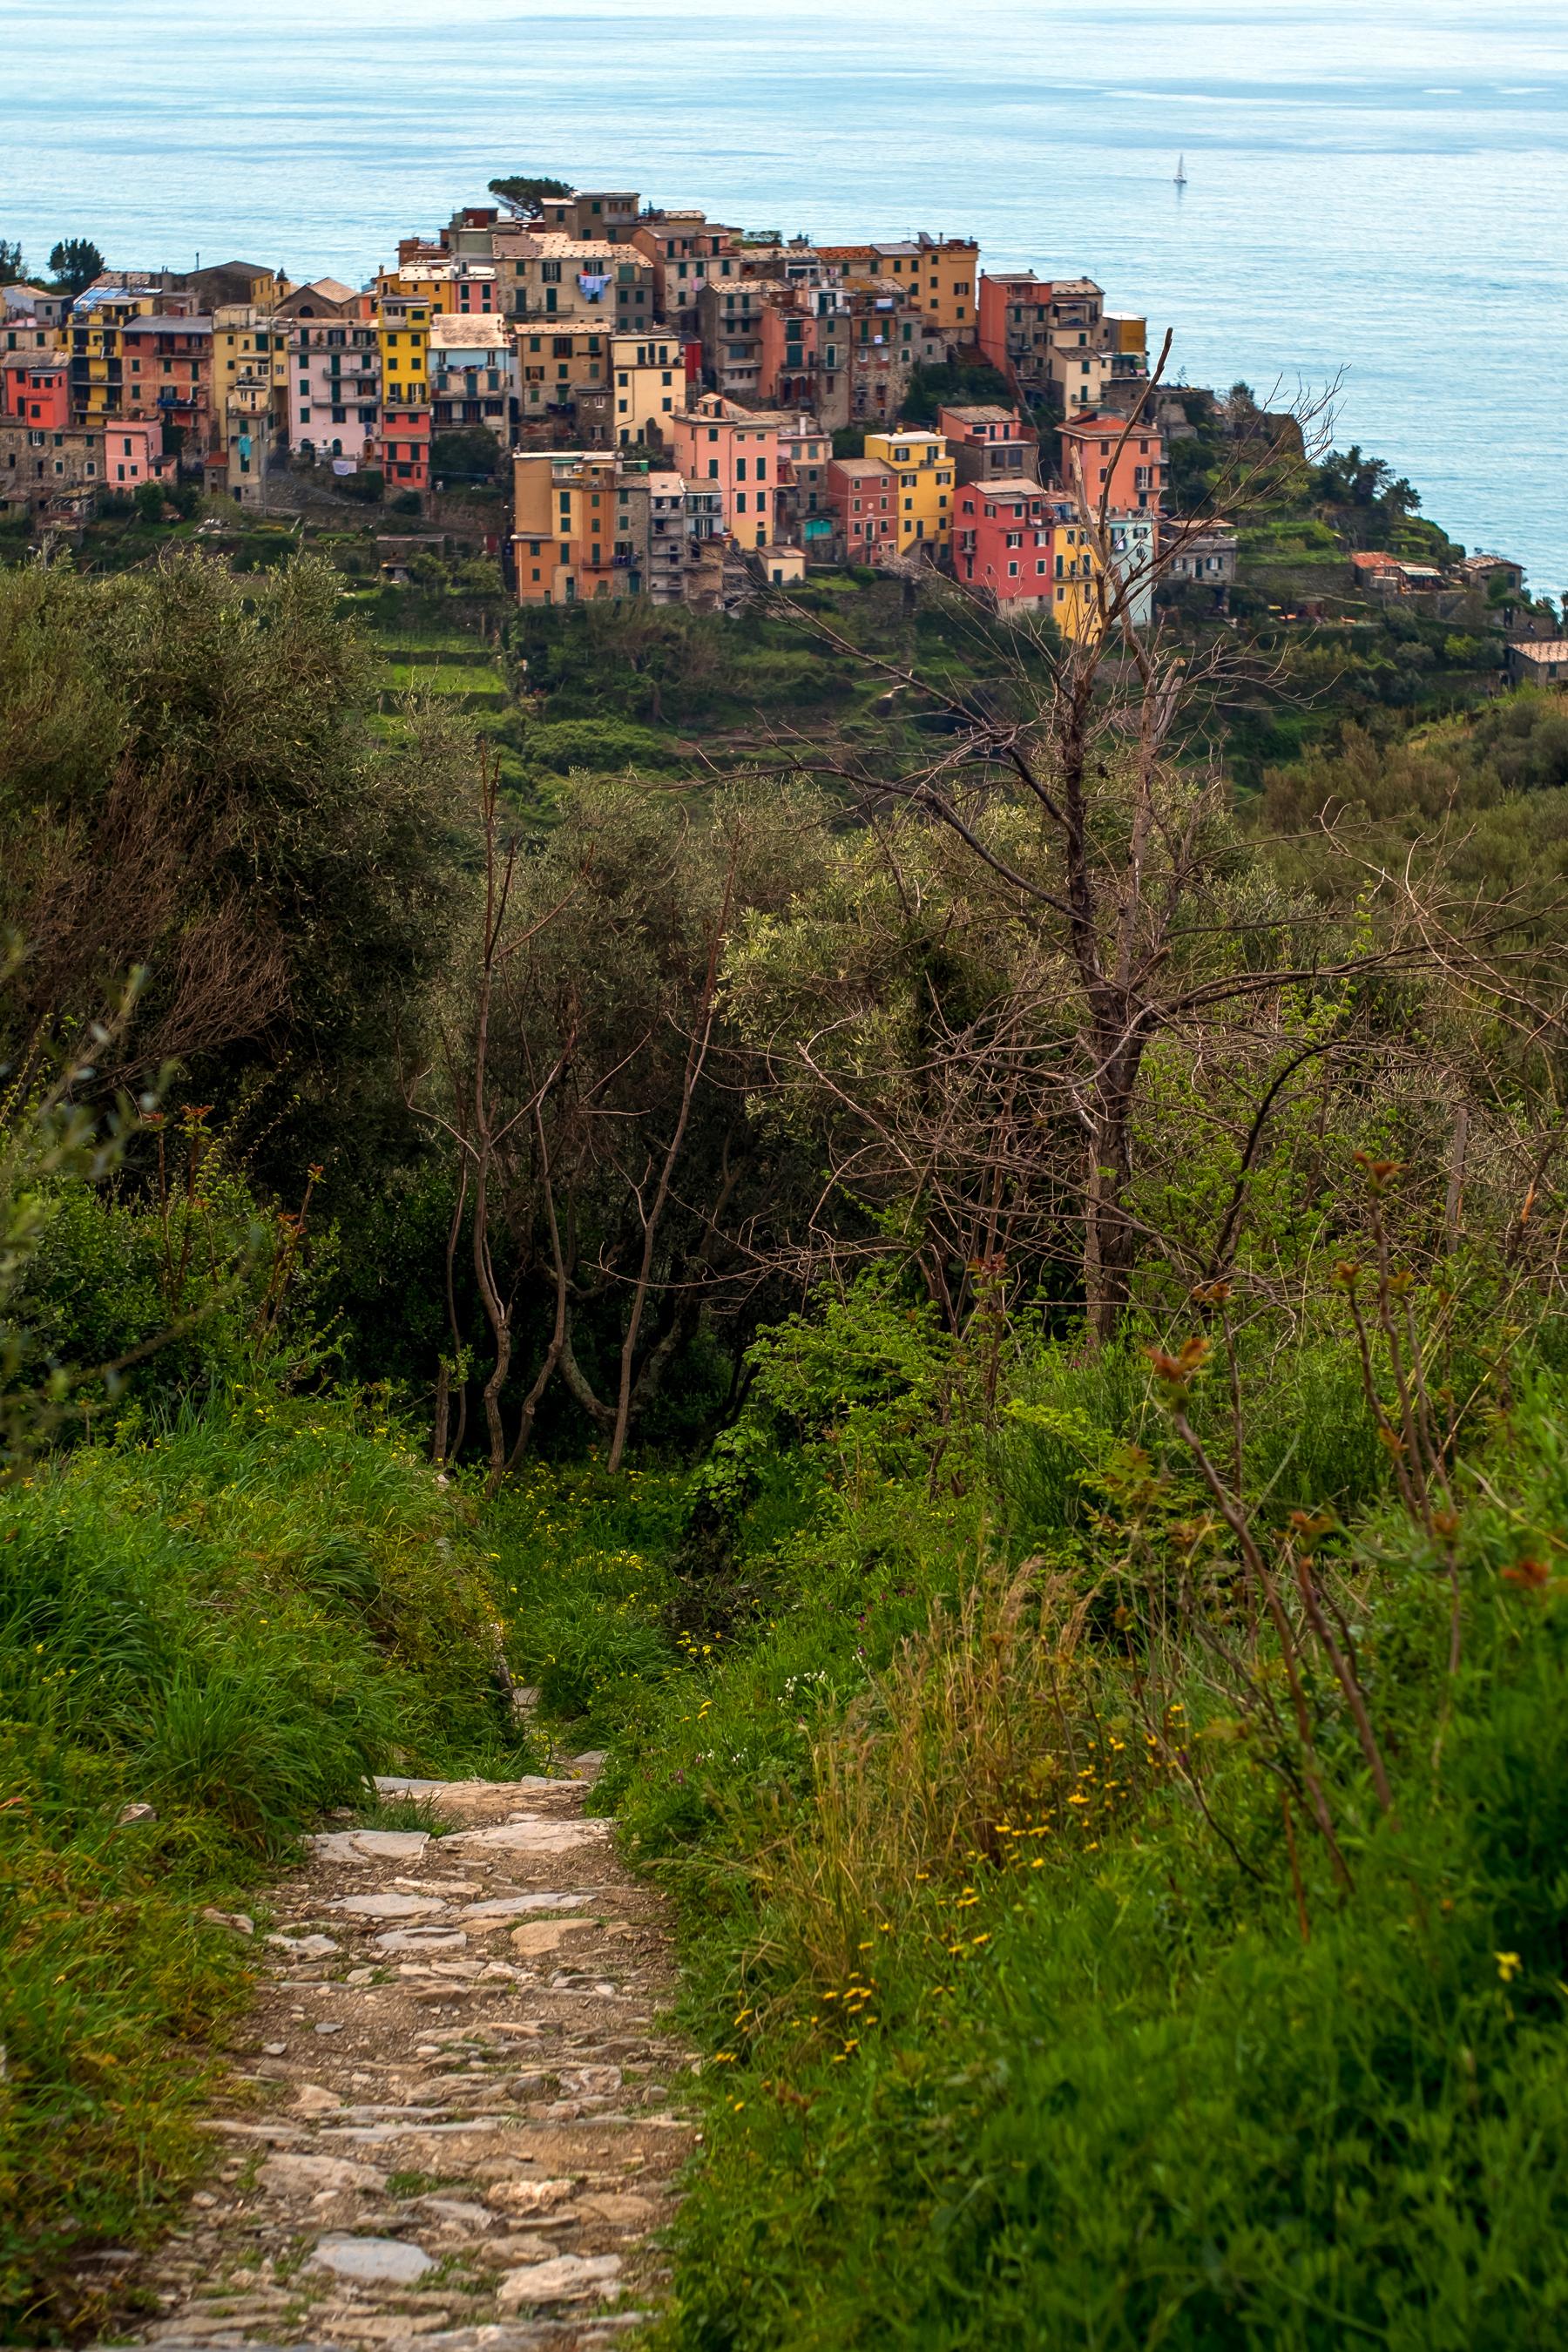 """The view of Corniglia via the Sentiero Azzuro, or the Blue Trail. Located in the Italian r      egion of   Liguria , the trail links the five villages of the Cinque Terre (which means """"Five Lands"""") including Riomaggiore , Manarola , Corniglia , Vernazza and Monterosso."""